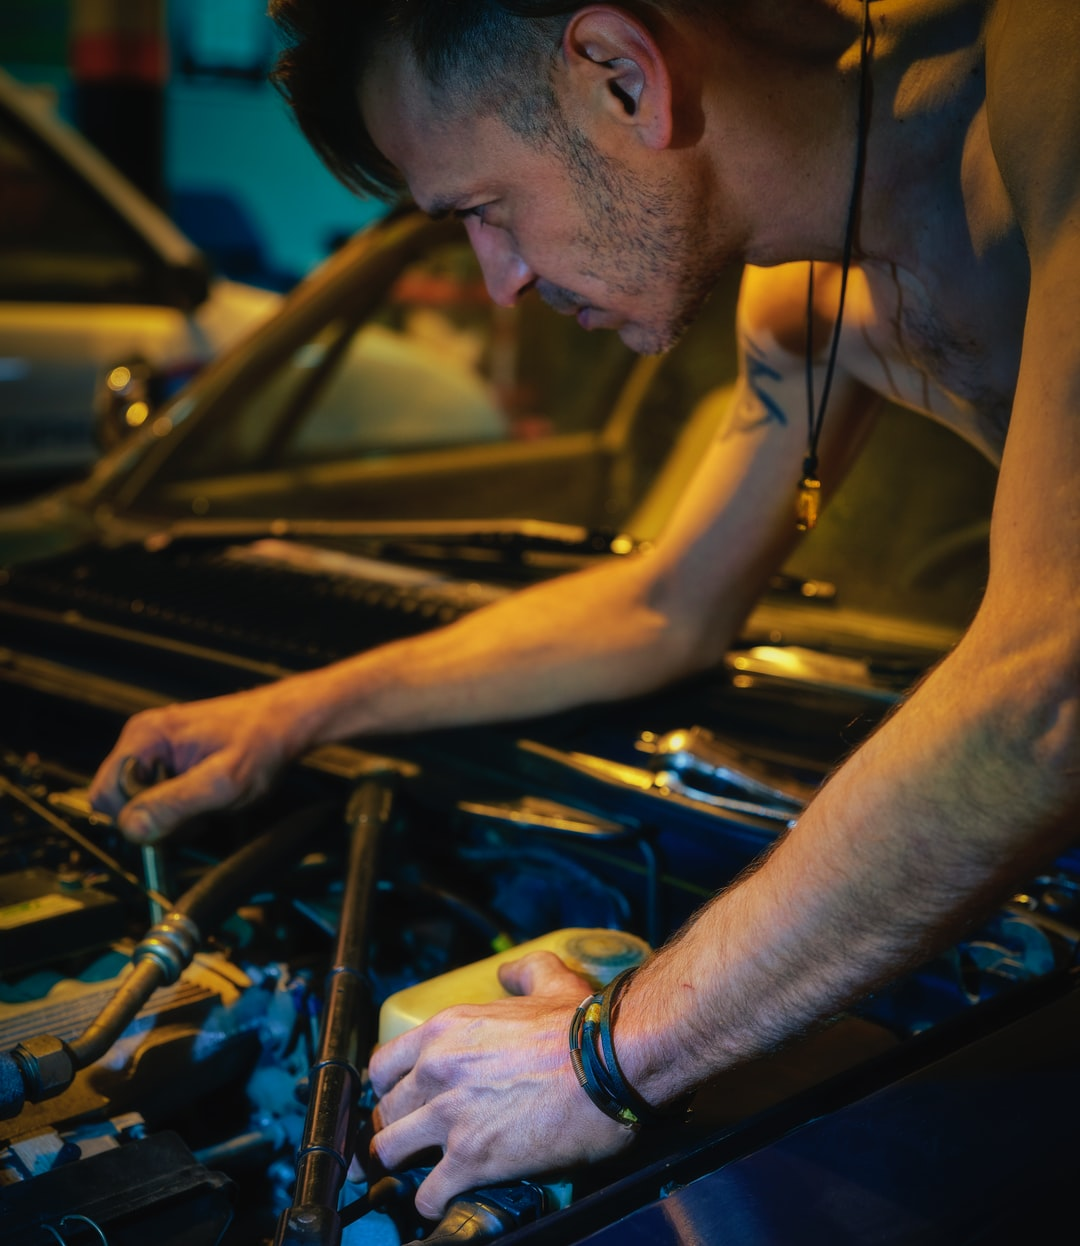 Top 5 Factors to Consider When Choosing Car Repair Shops